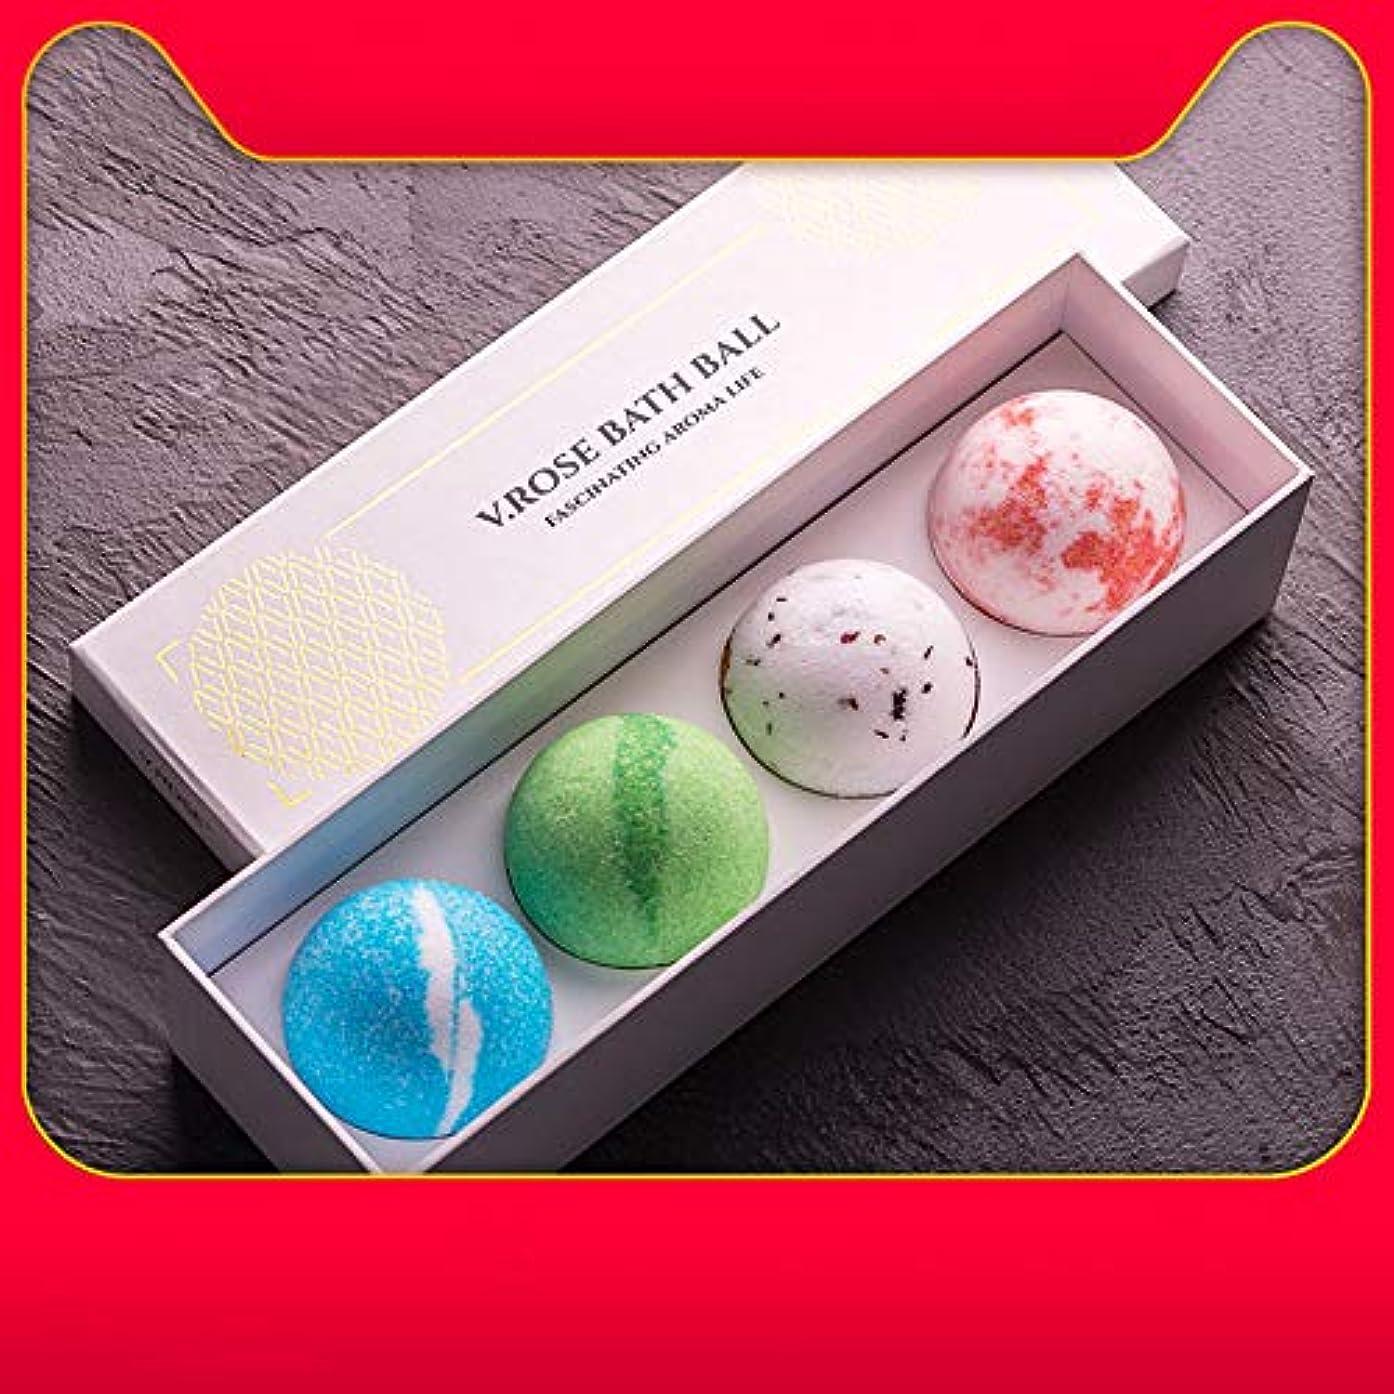 社会学トライアスロンキロメートルバスボム 炭酸 入浴剤 ギフト 手作り お風呂用 4つの香りキット 天然素材 カラフル バスボール 母の日 結婚記念日 プレゼント